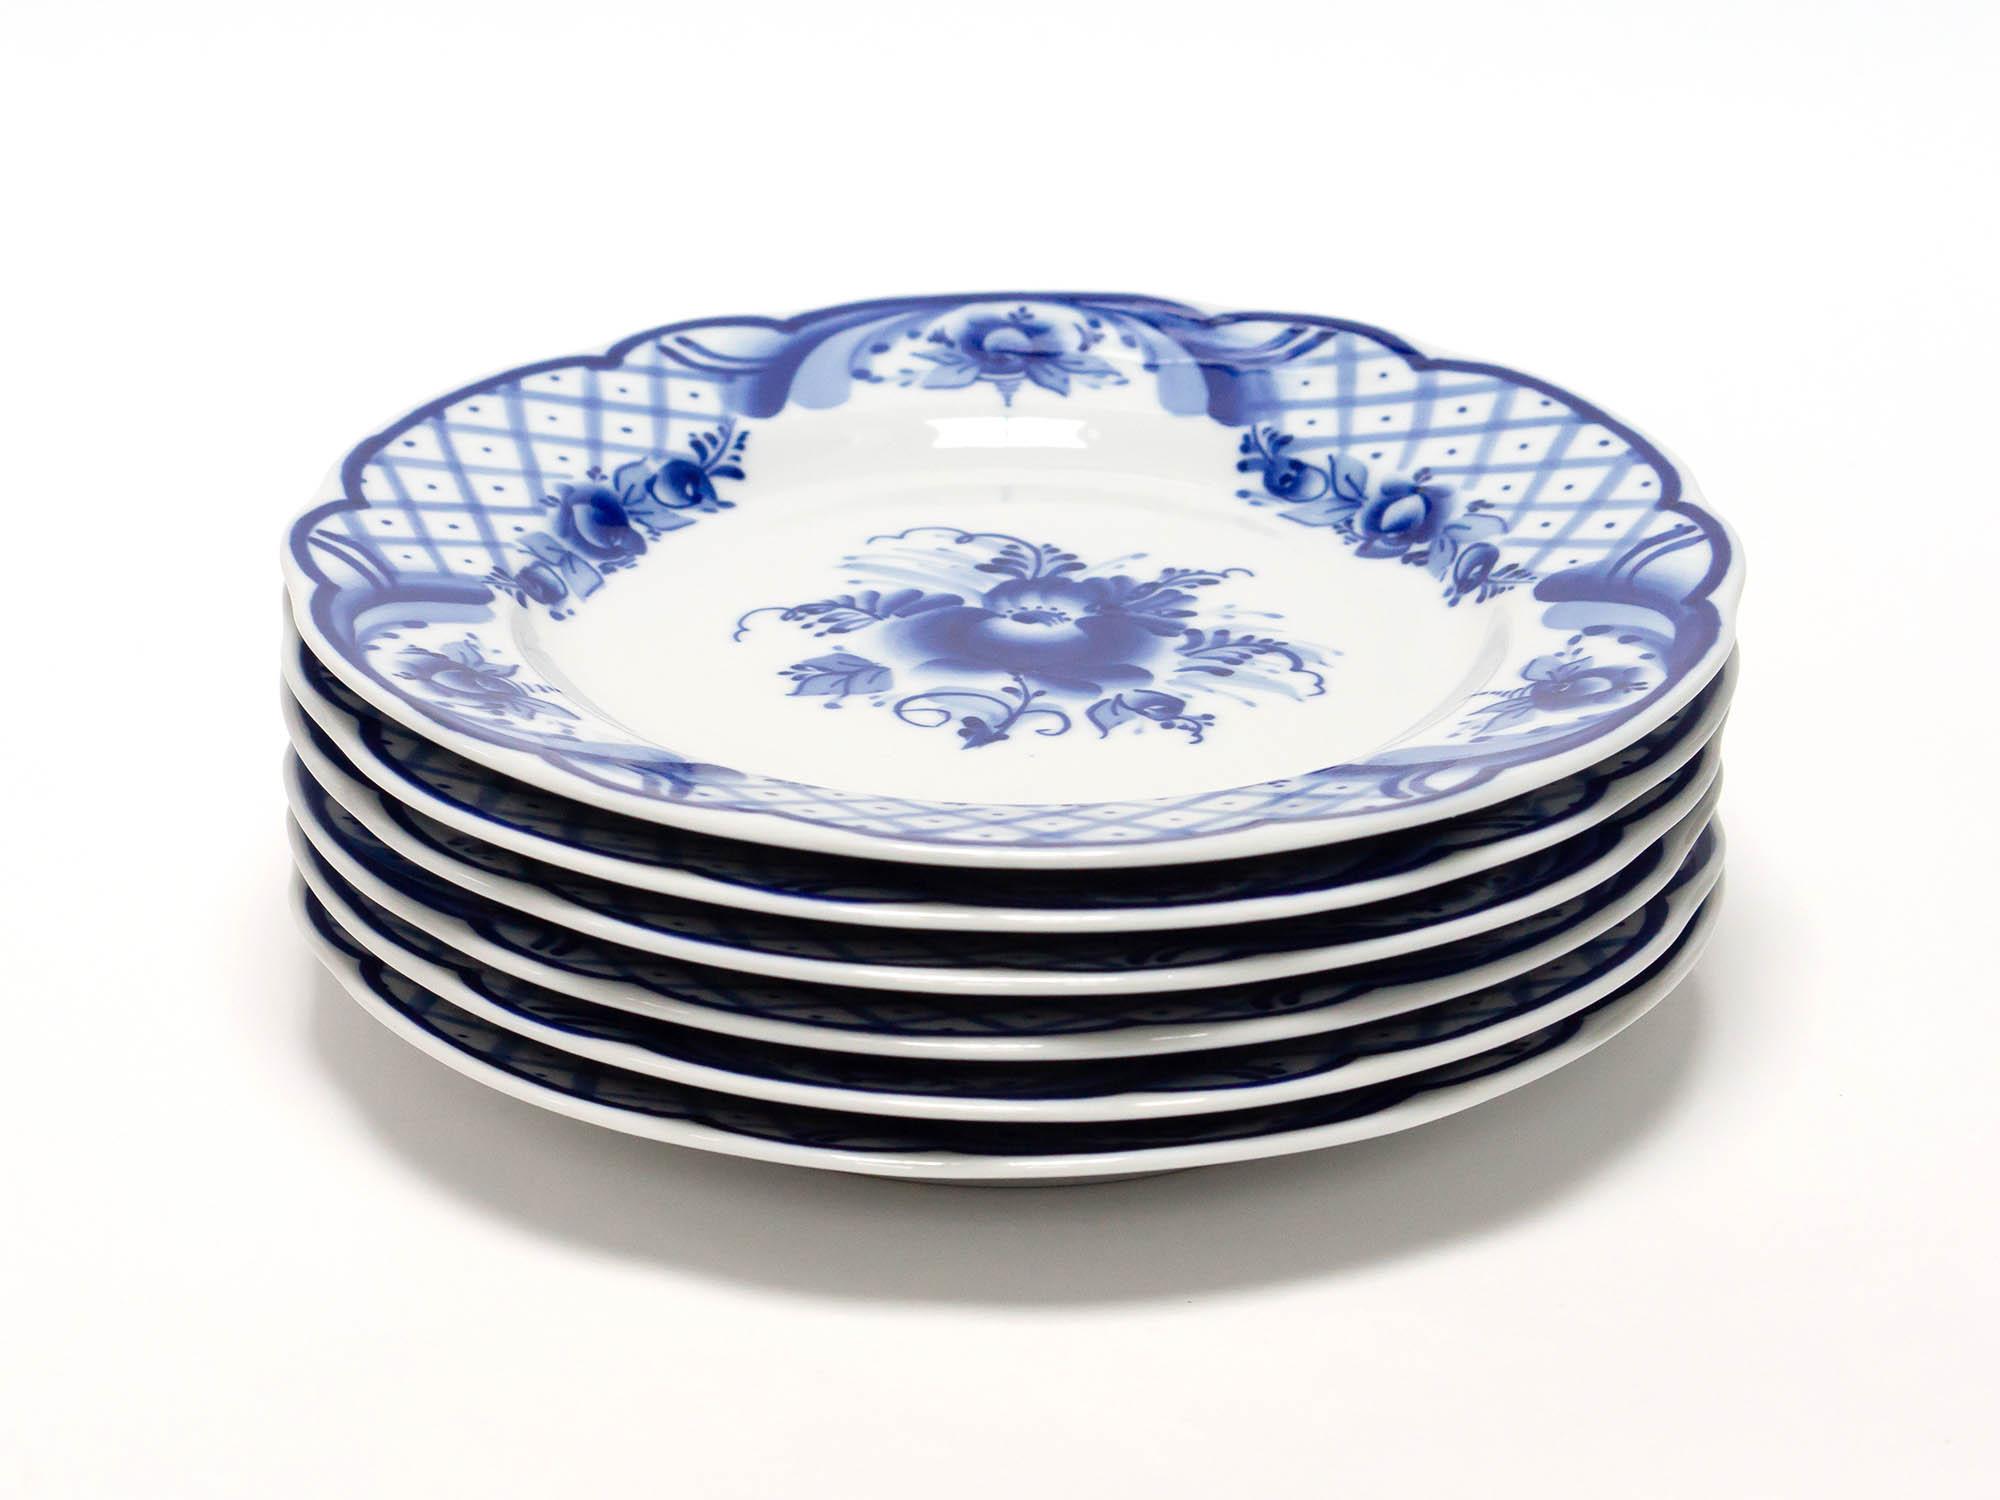 Фото Набор тарелок мелких Гжель Вырезной край Торжественный, 200 мм - 6 шт